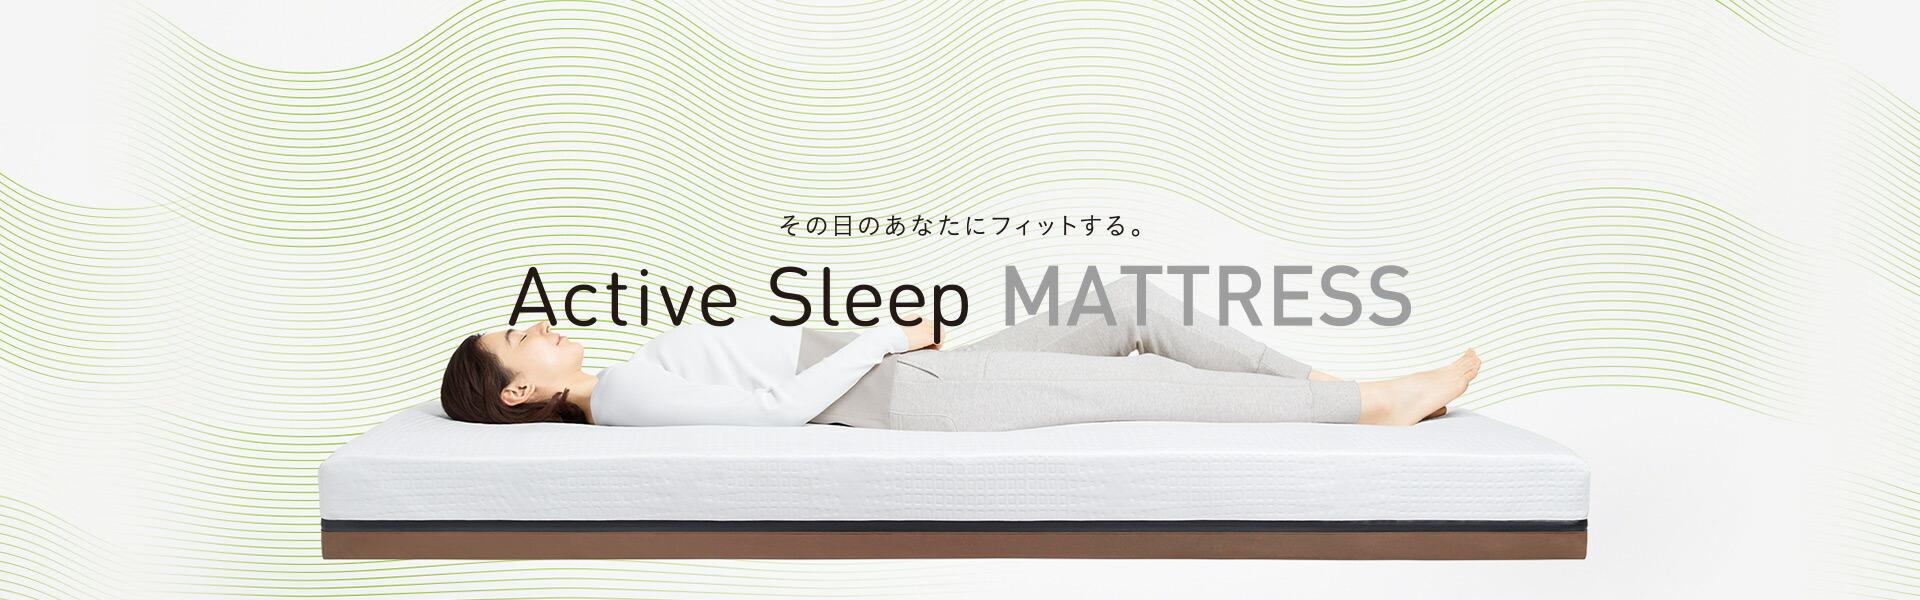 スリープ アクティブ パラマウント ベッド